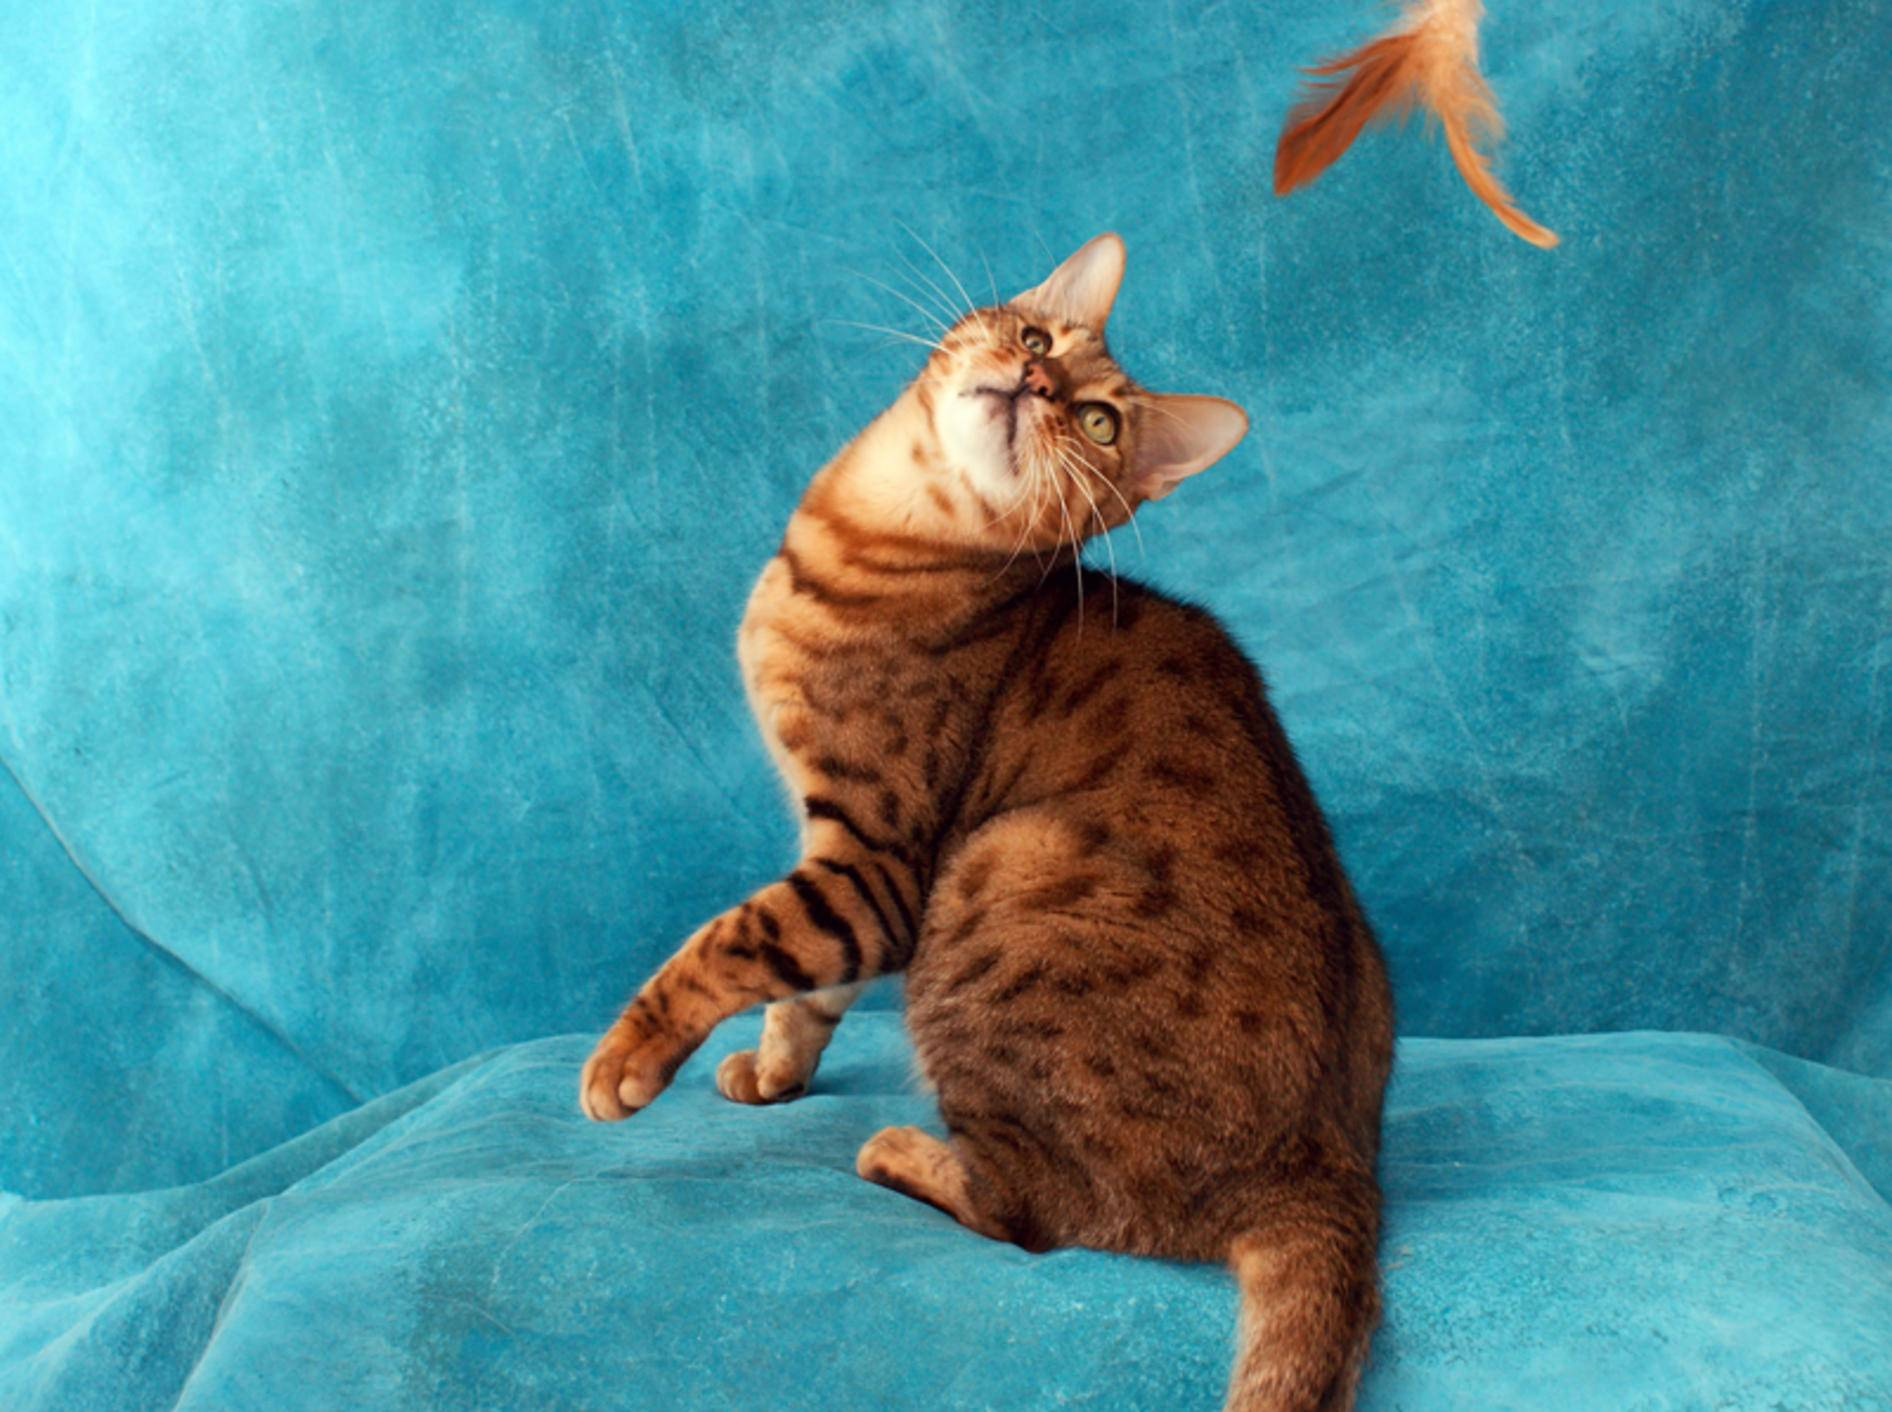 Spiel und Spaß sind für die Erziehung von Bengalkatzen wichtig – Bild: Shutterstock / Stephen Orsillo